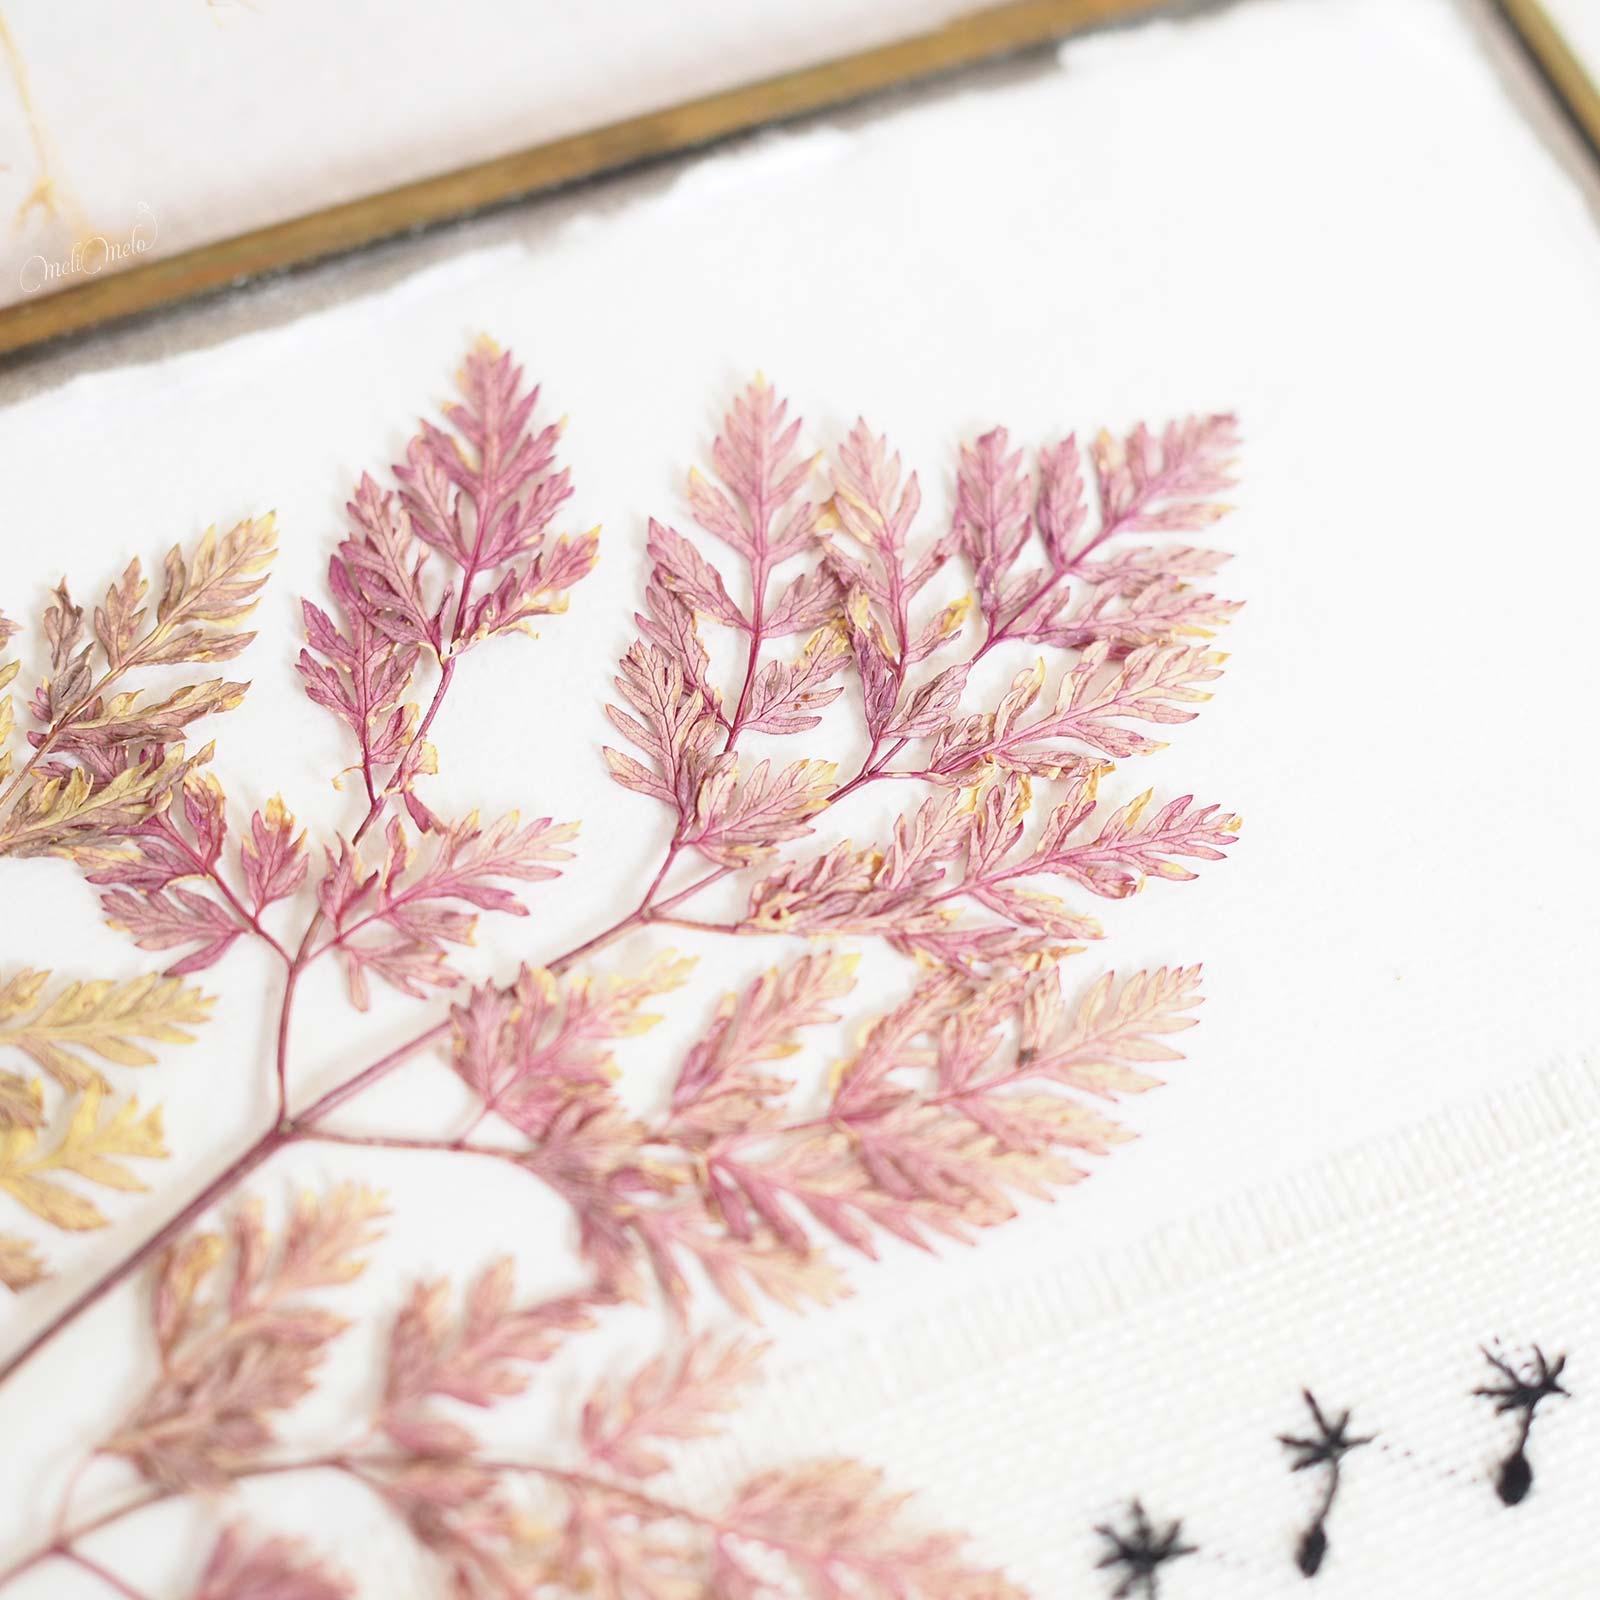 cadre-vegetal-sec-herbier-feuillage-rose-laboutiquedemelimelo